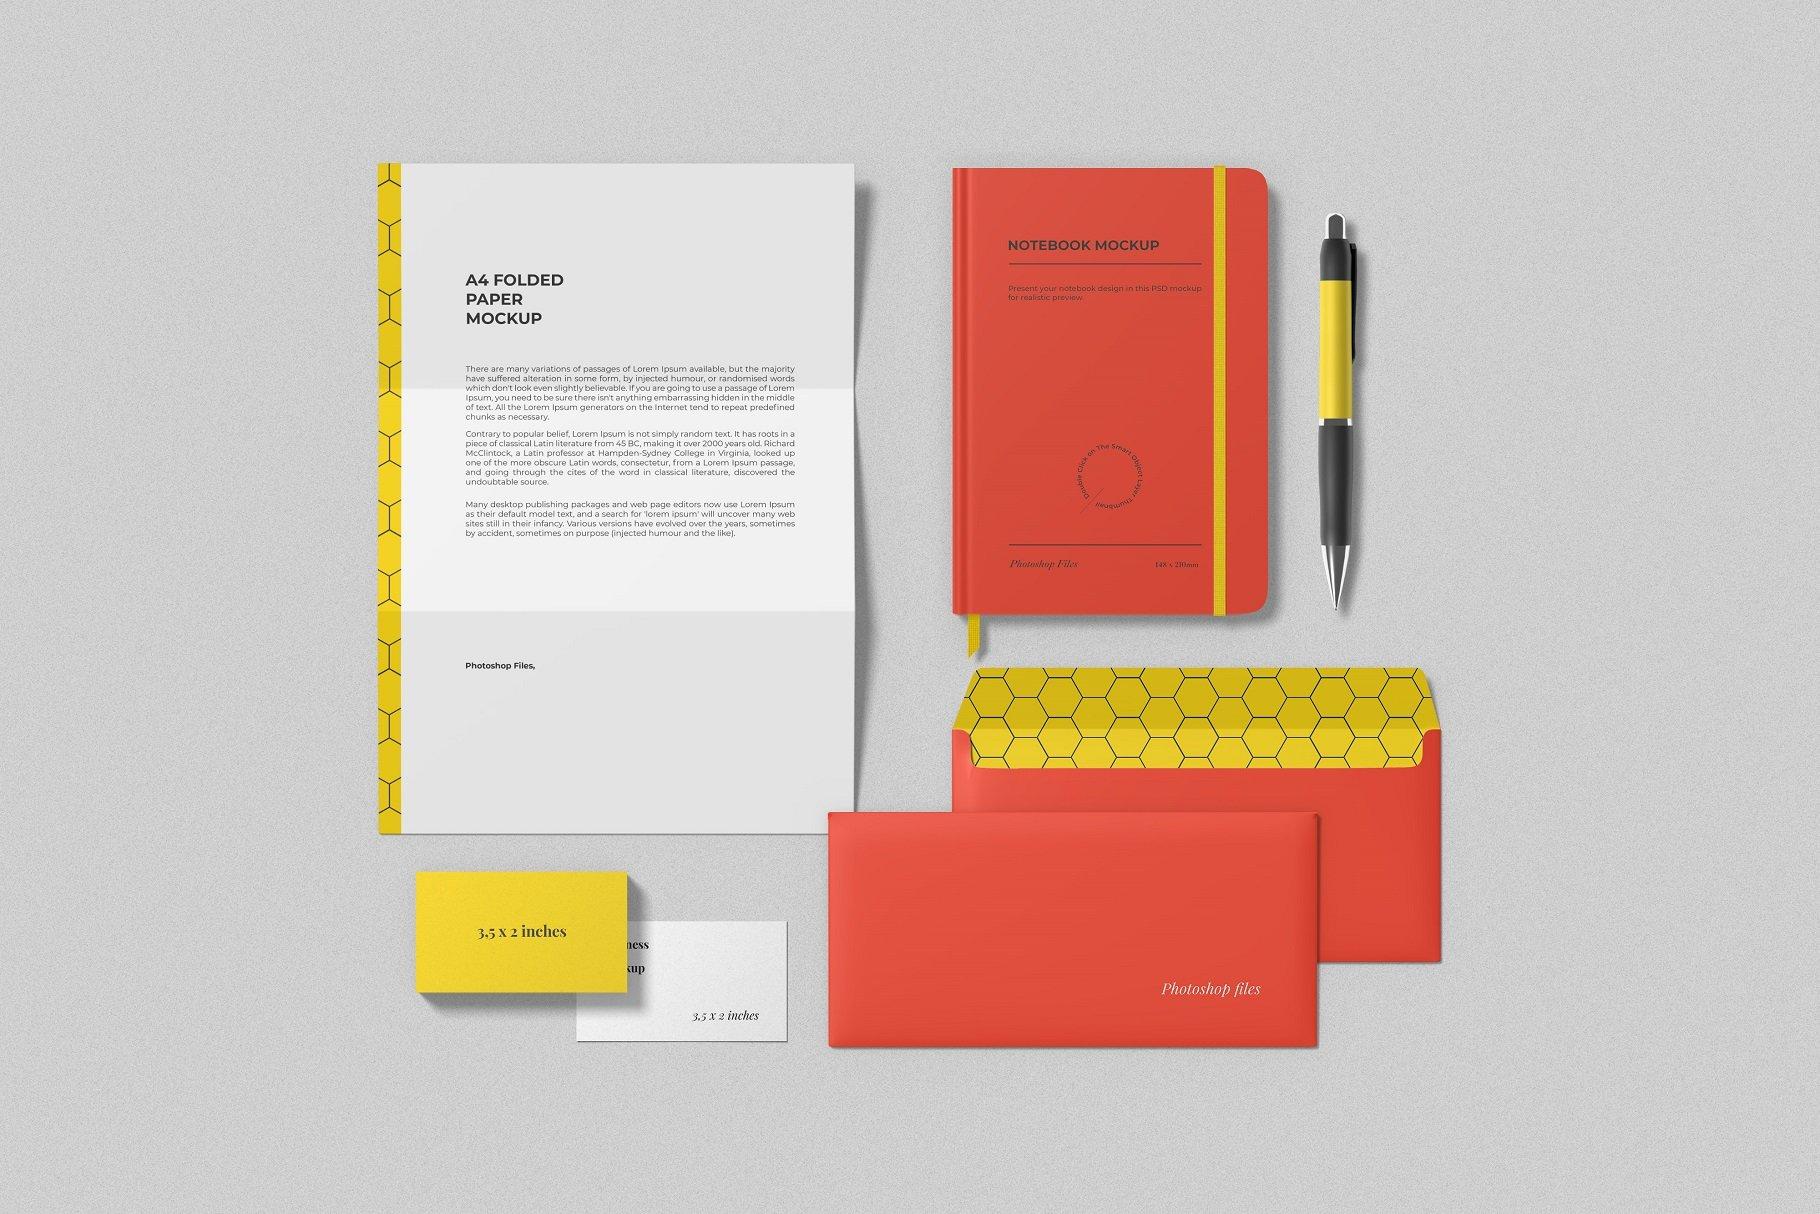 12个时尚简约品牌Logo设计办公用品展示贴图样机模板套装 Branding Mockup Scene Creator插图9